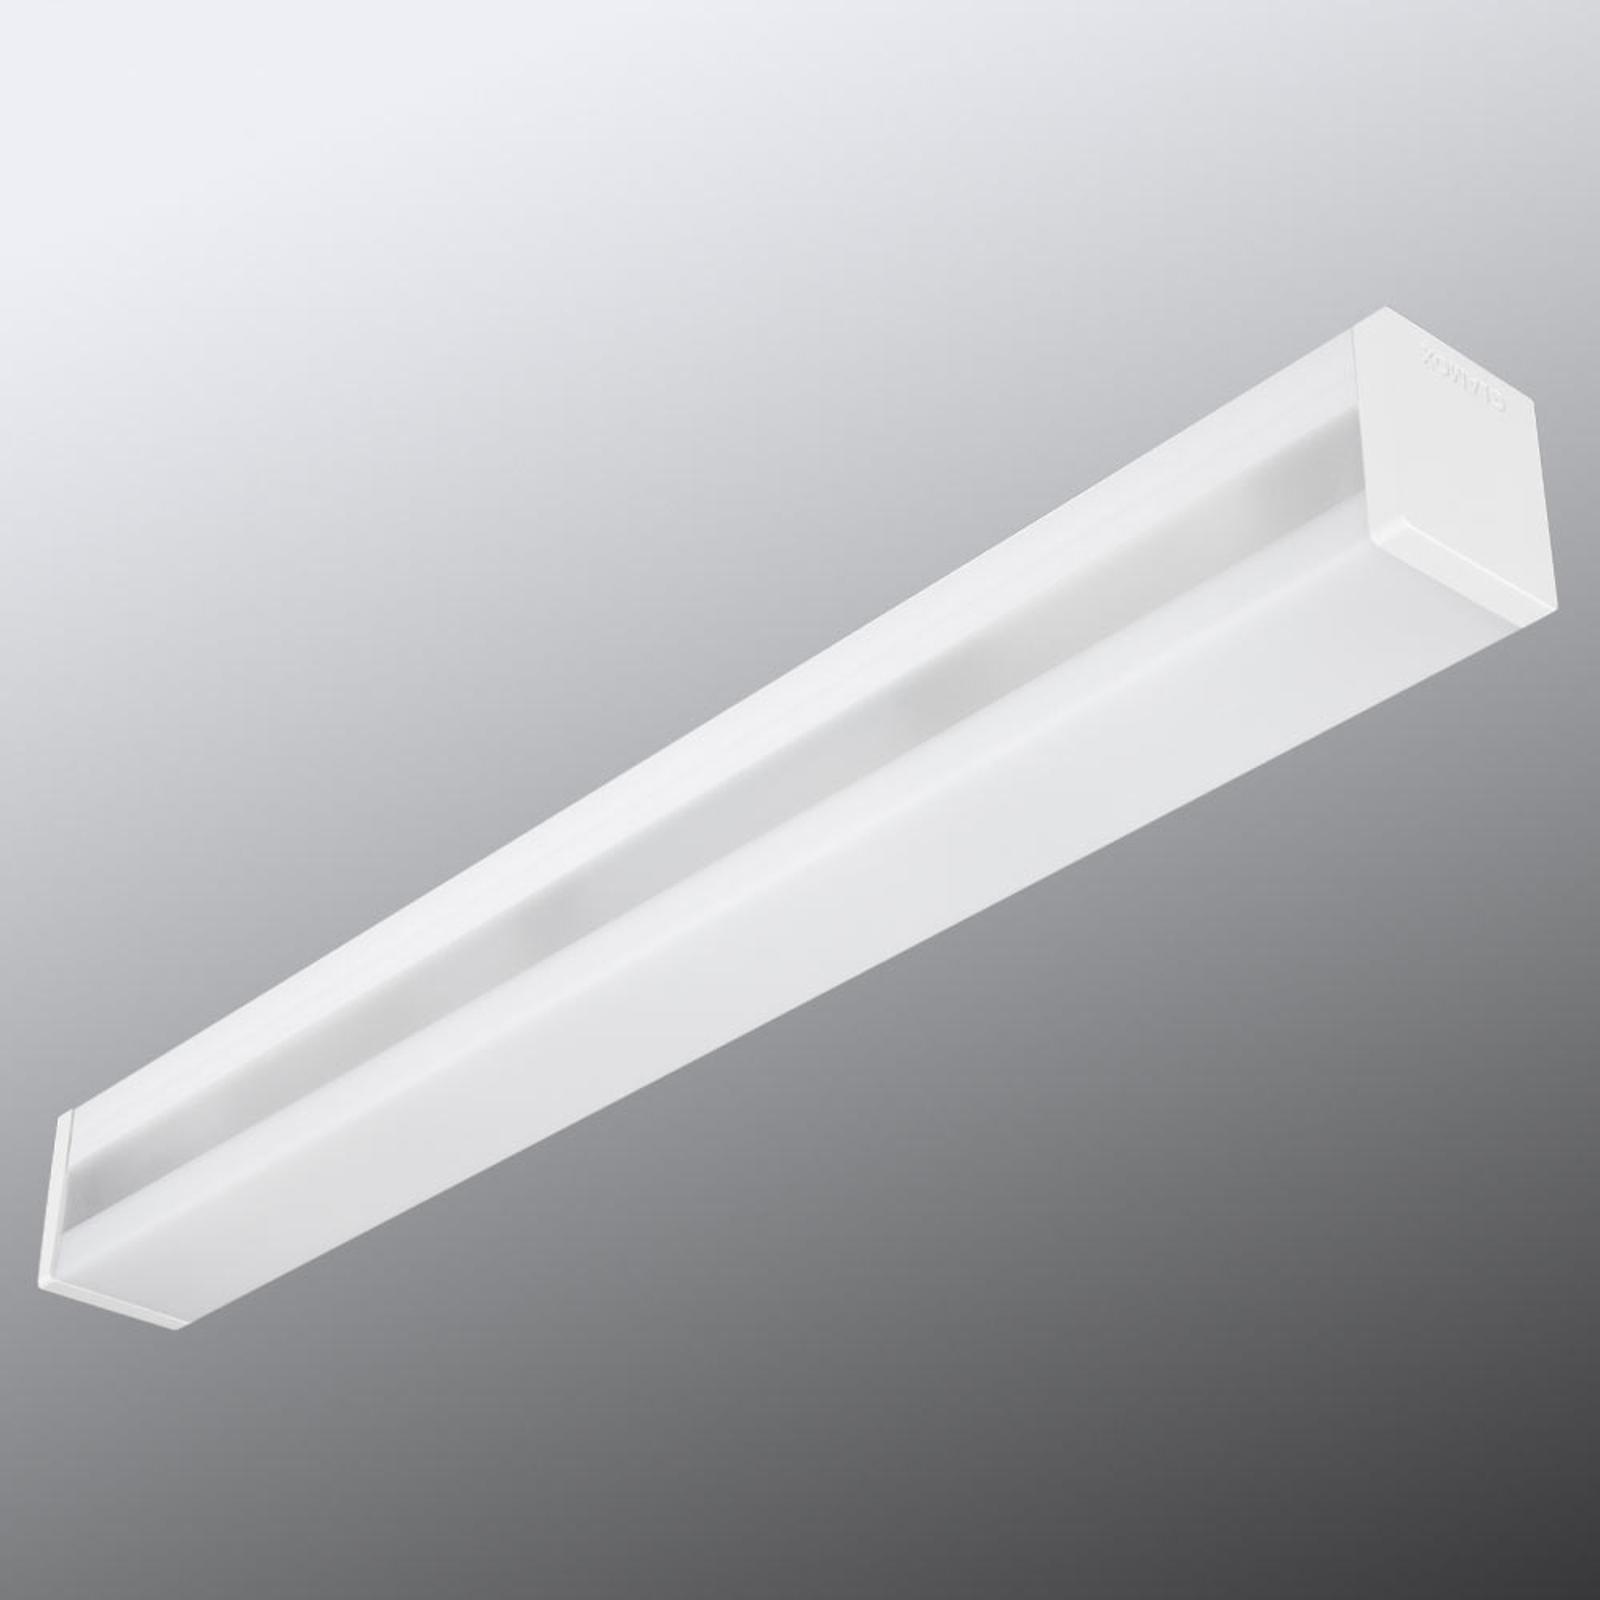 Applique pour miroir LED A40-W600 1400HF 830 60 cm